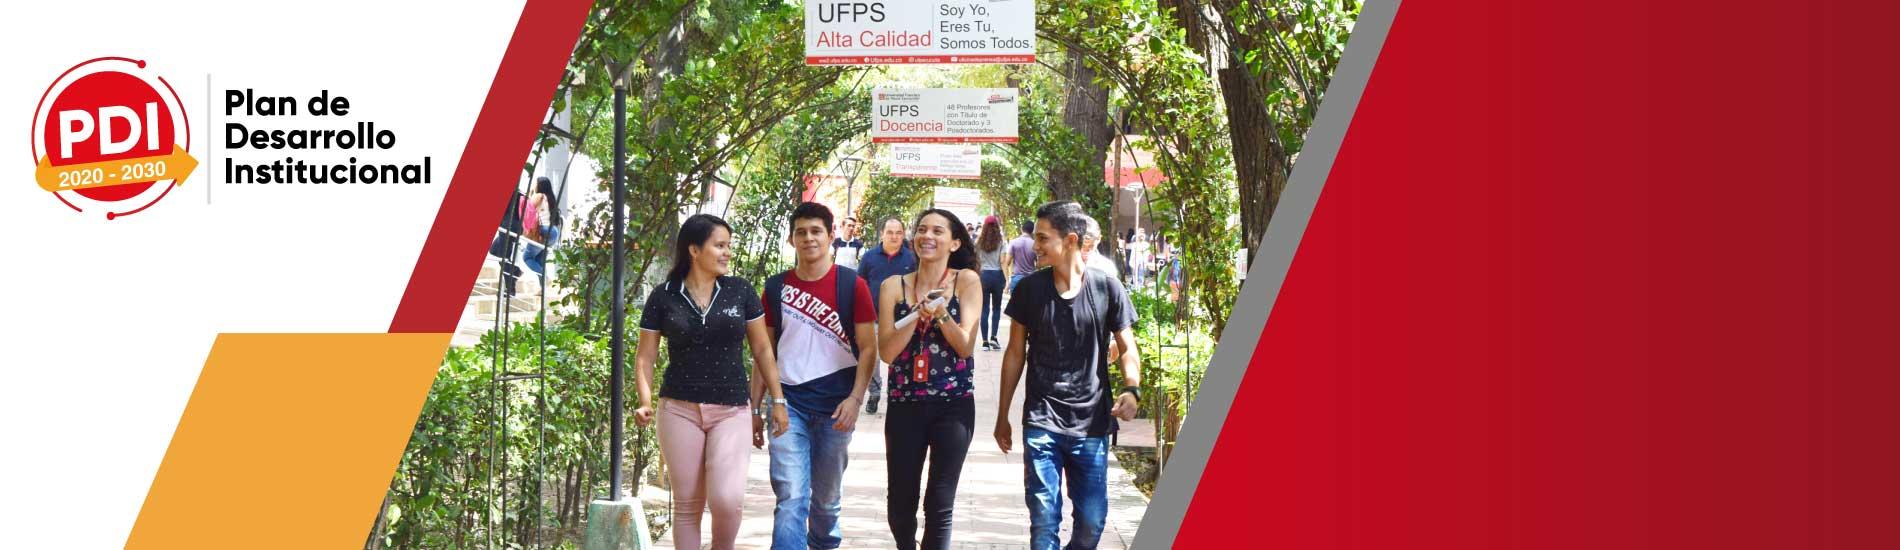 'Una Universidad acreditada de alta calidad, moderna y socialmente responsable', son las apuestas del PDI 2020-2030